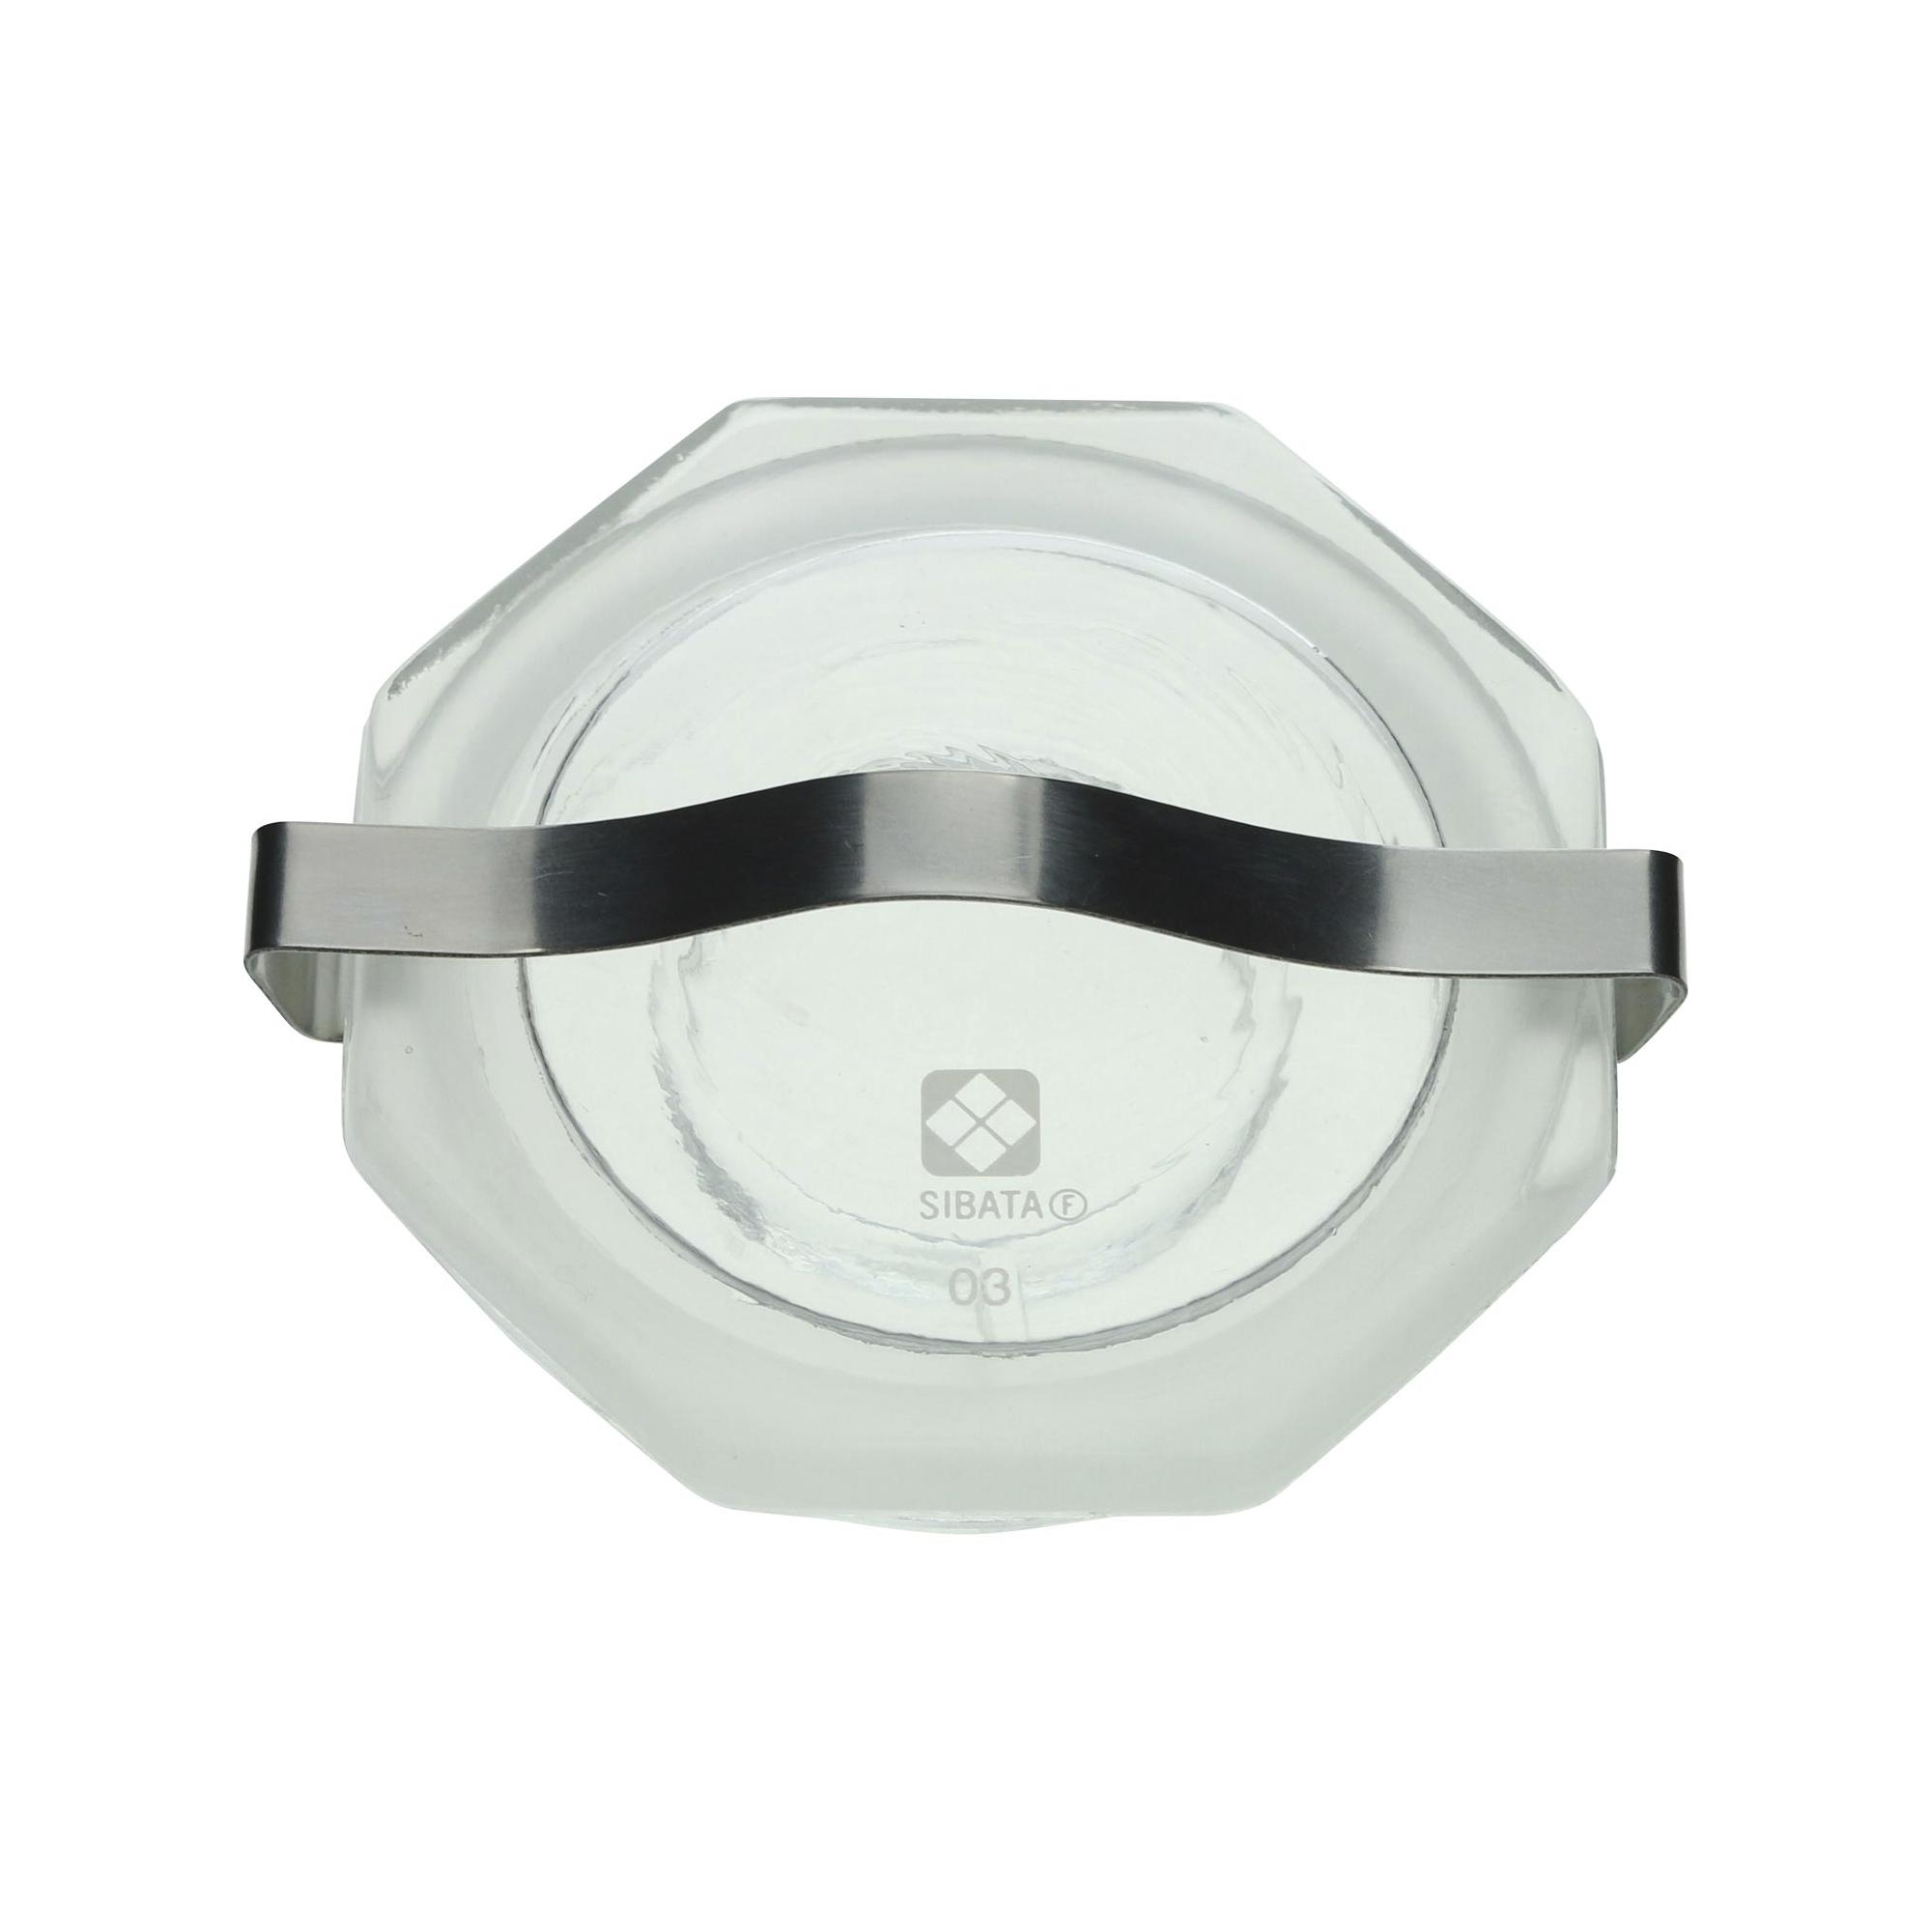 コンウェイ水分活性測定器用 標準型ユニット(10個) 柴田科学(SIBATA)【Airis1.co.jp】